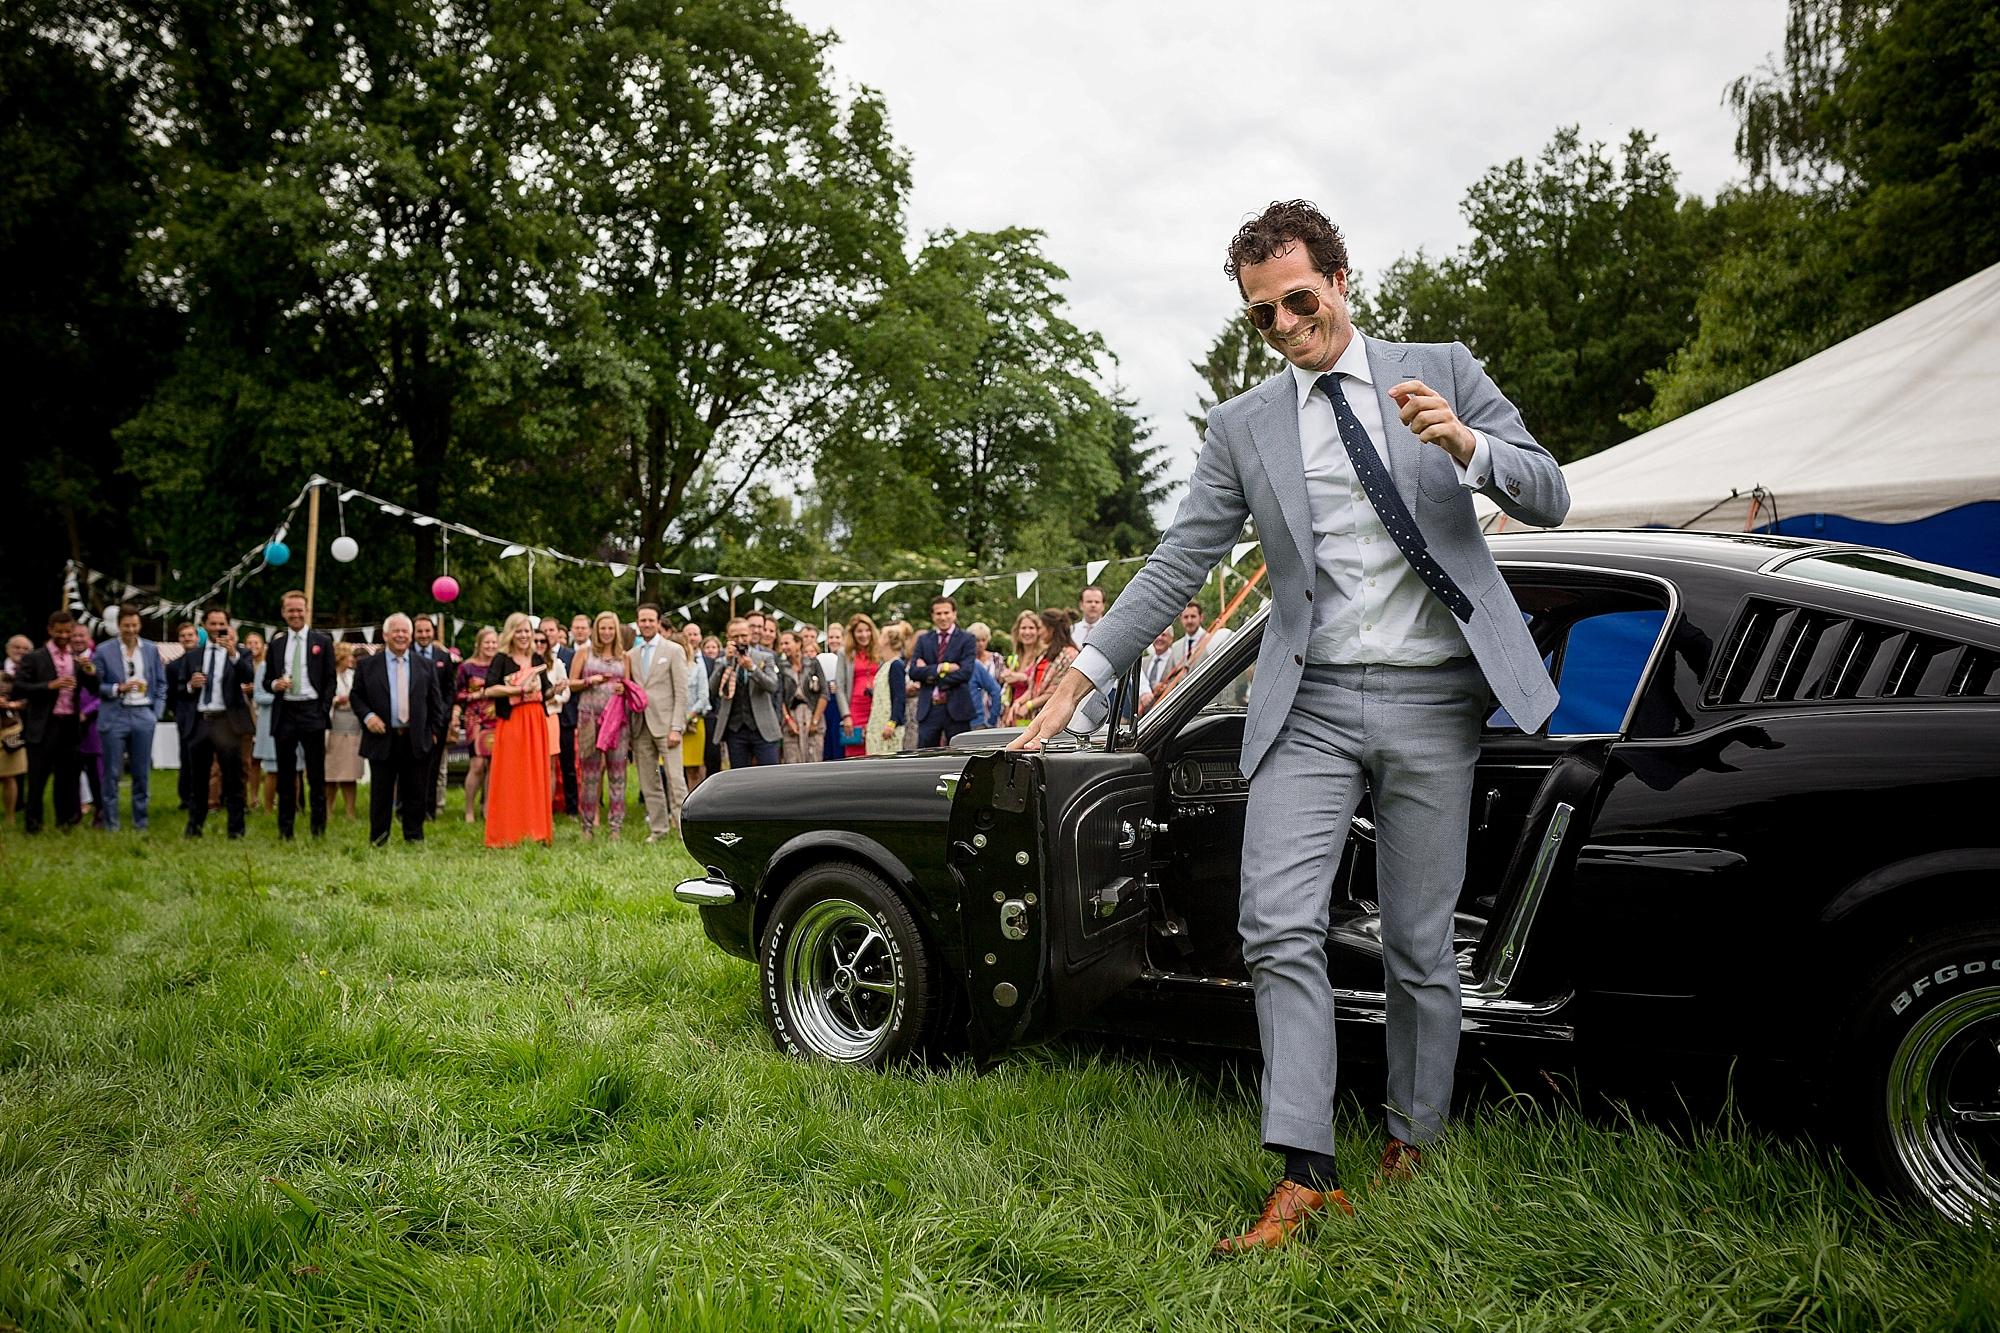 bruidsfotograaf-brabant-trouwen-in-het-bos-festivalbruiloft-vught-haaren_0084.jpg